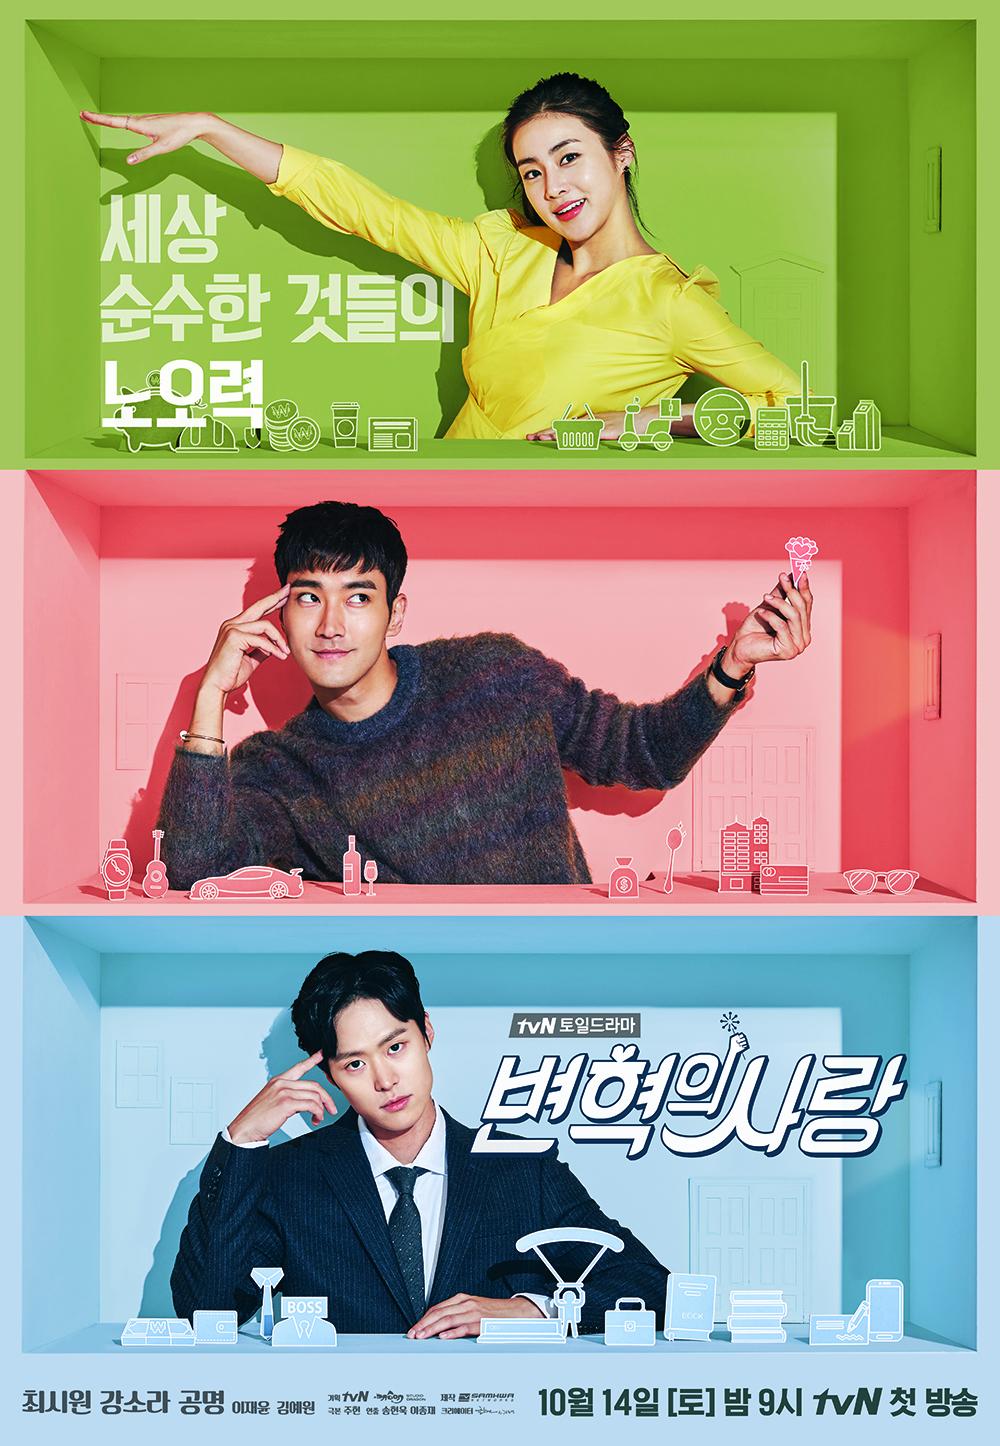 Kang Sora And Choi Siwons Upcoming Drama Drops Colorful And Nostalgic Posters